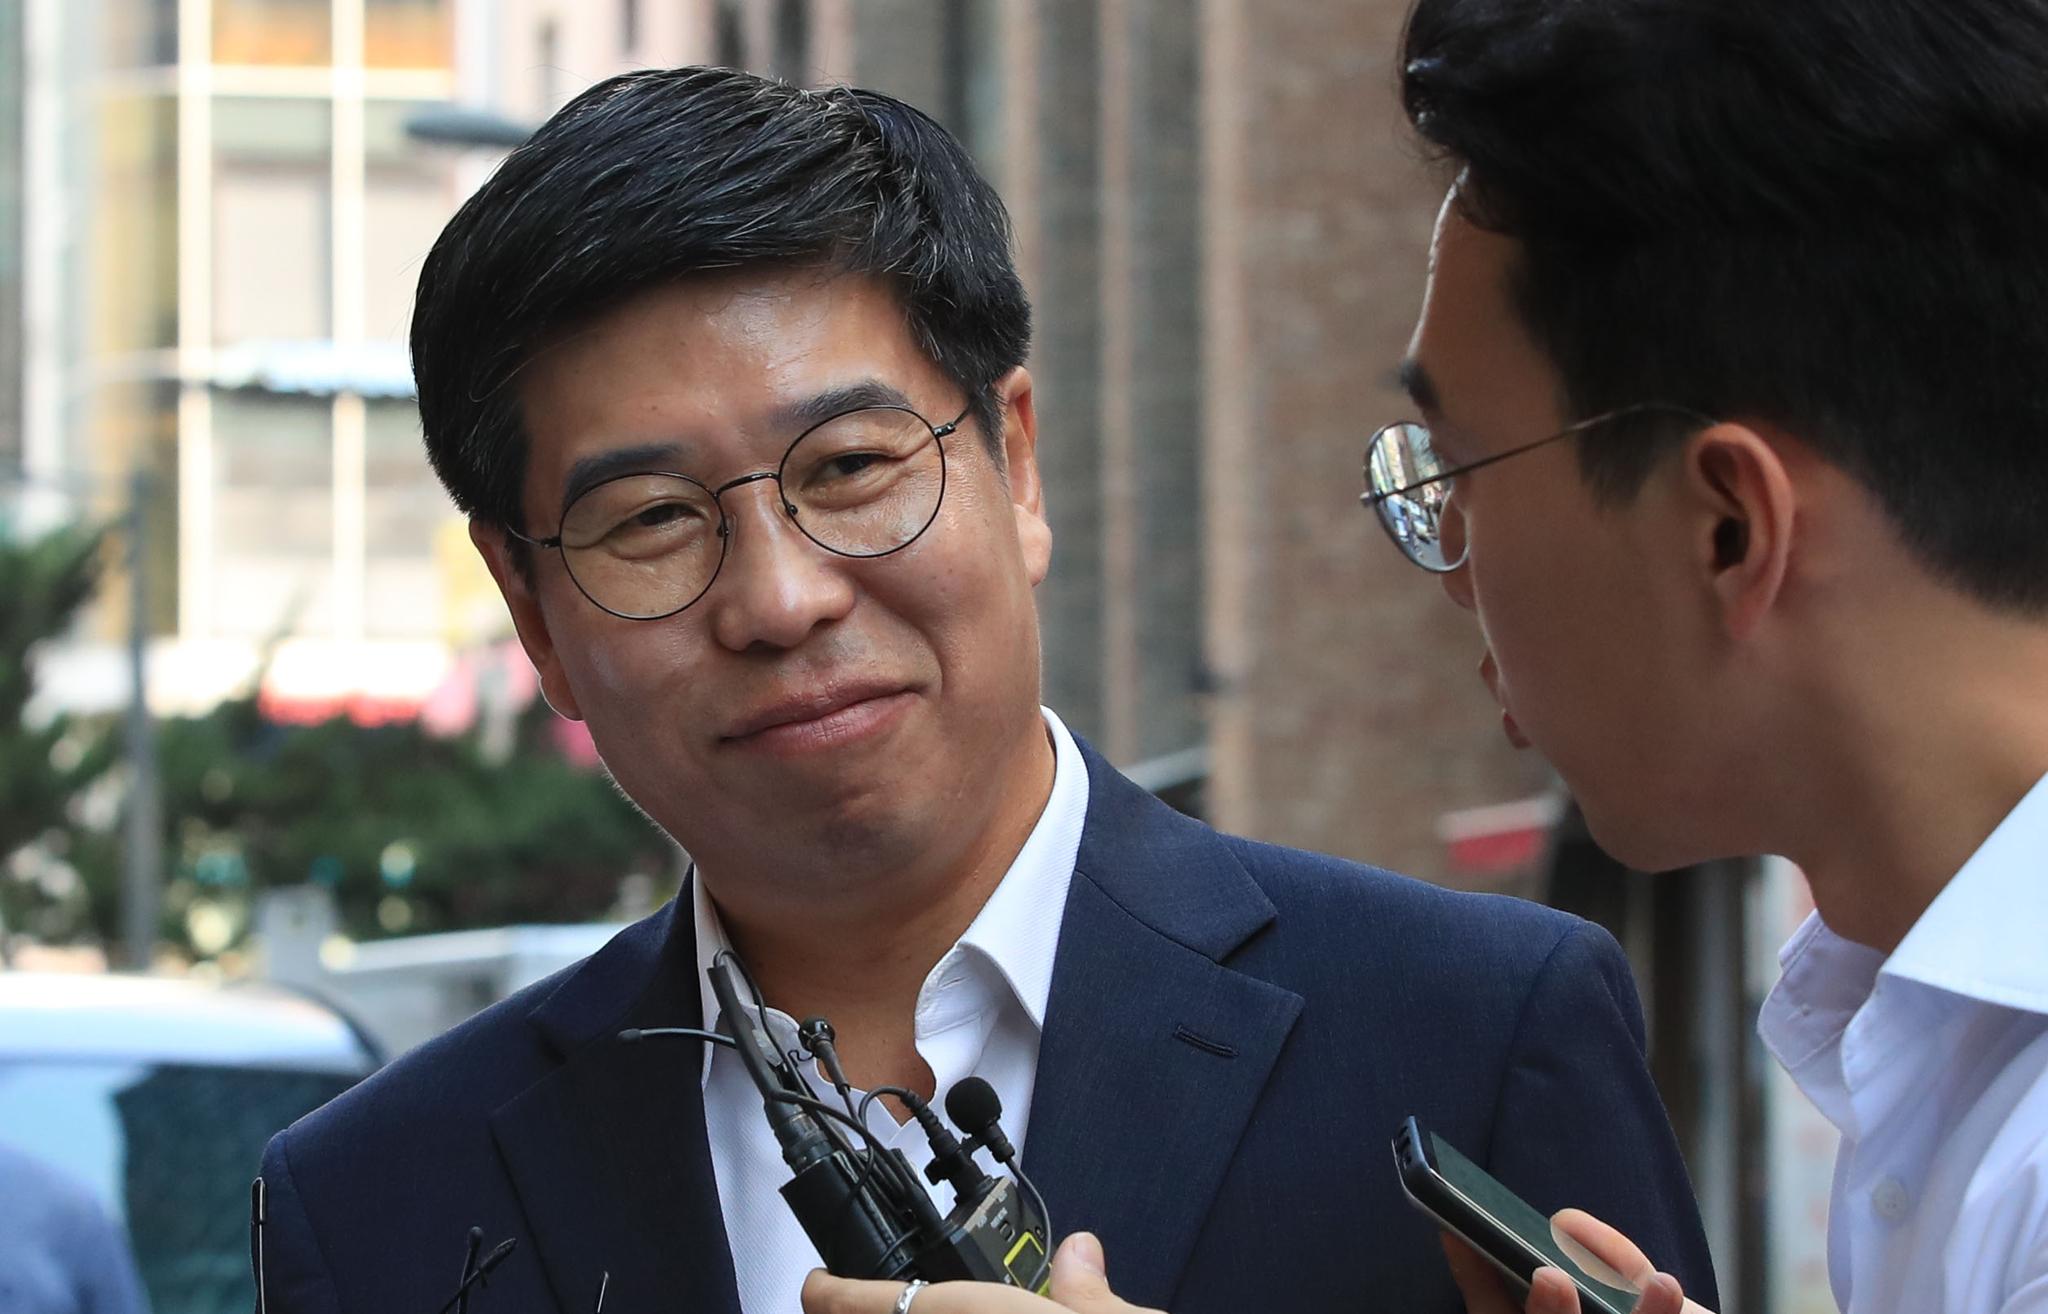 백원우 청와대 민정비서관이 15일 오전 서울 강남구 특검 사무실로 향하고 있다. . [연합뉴스]